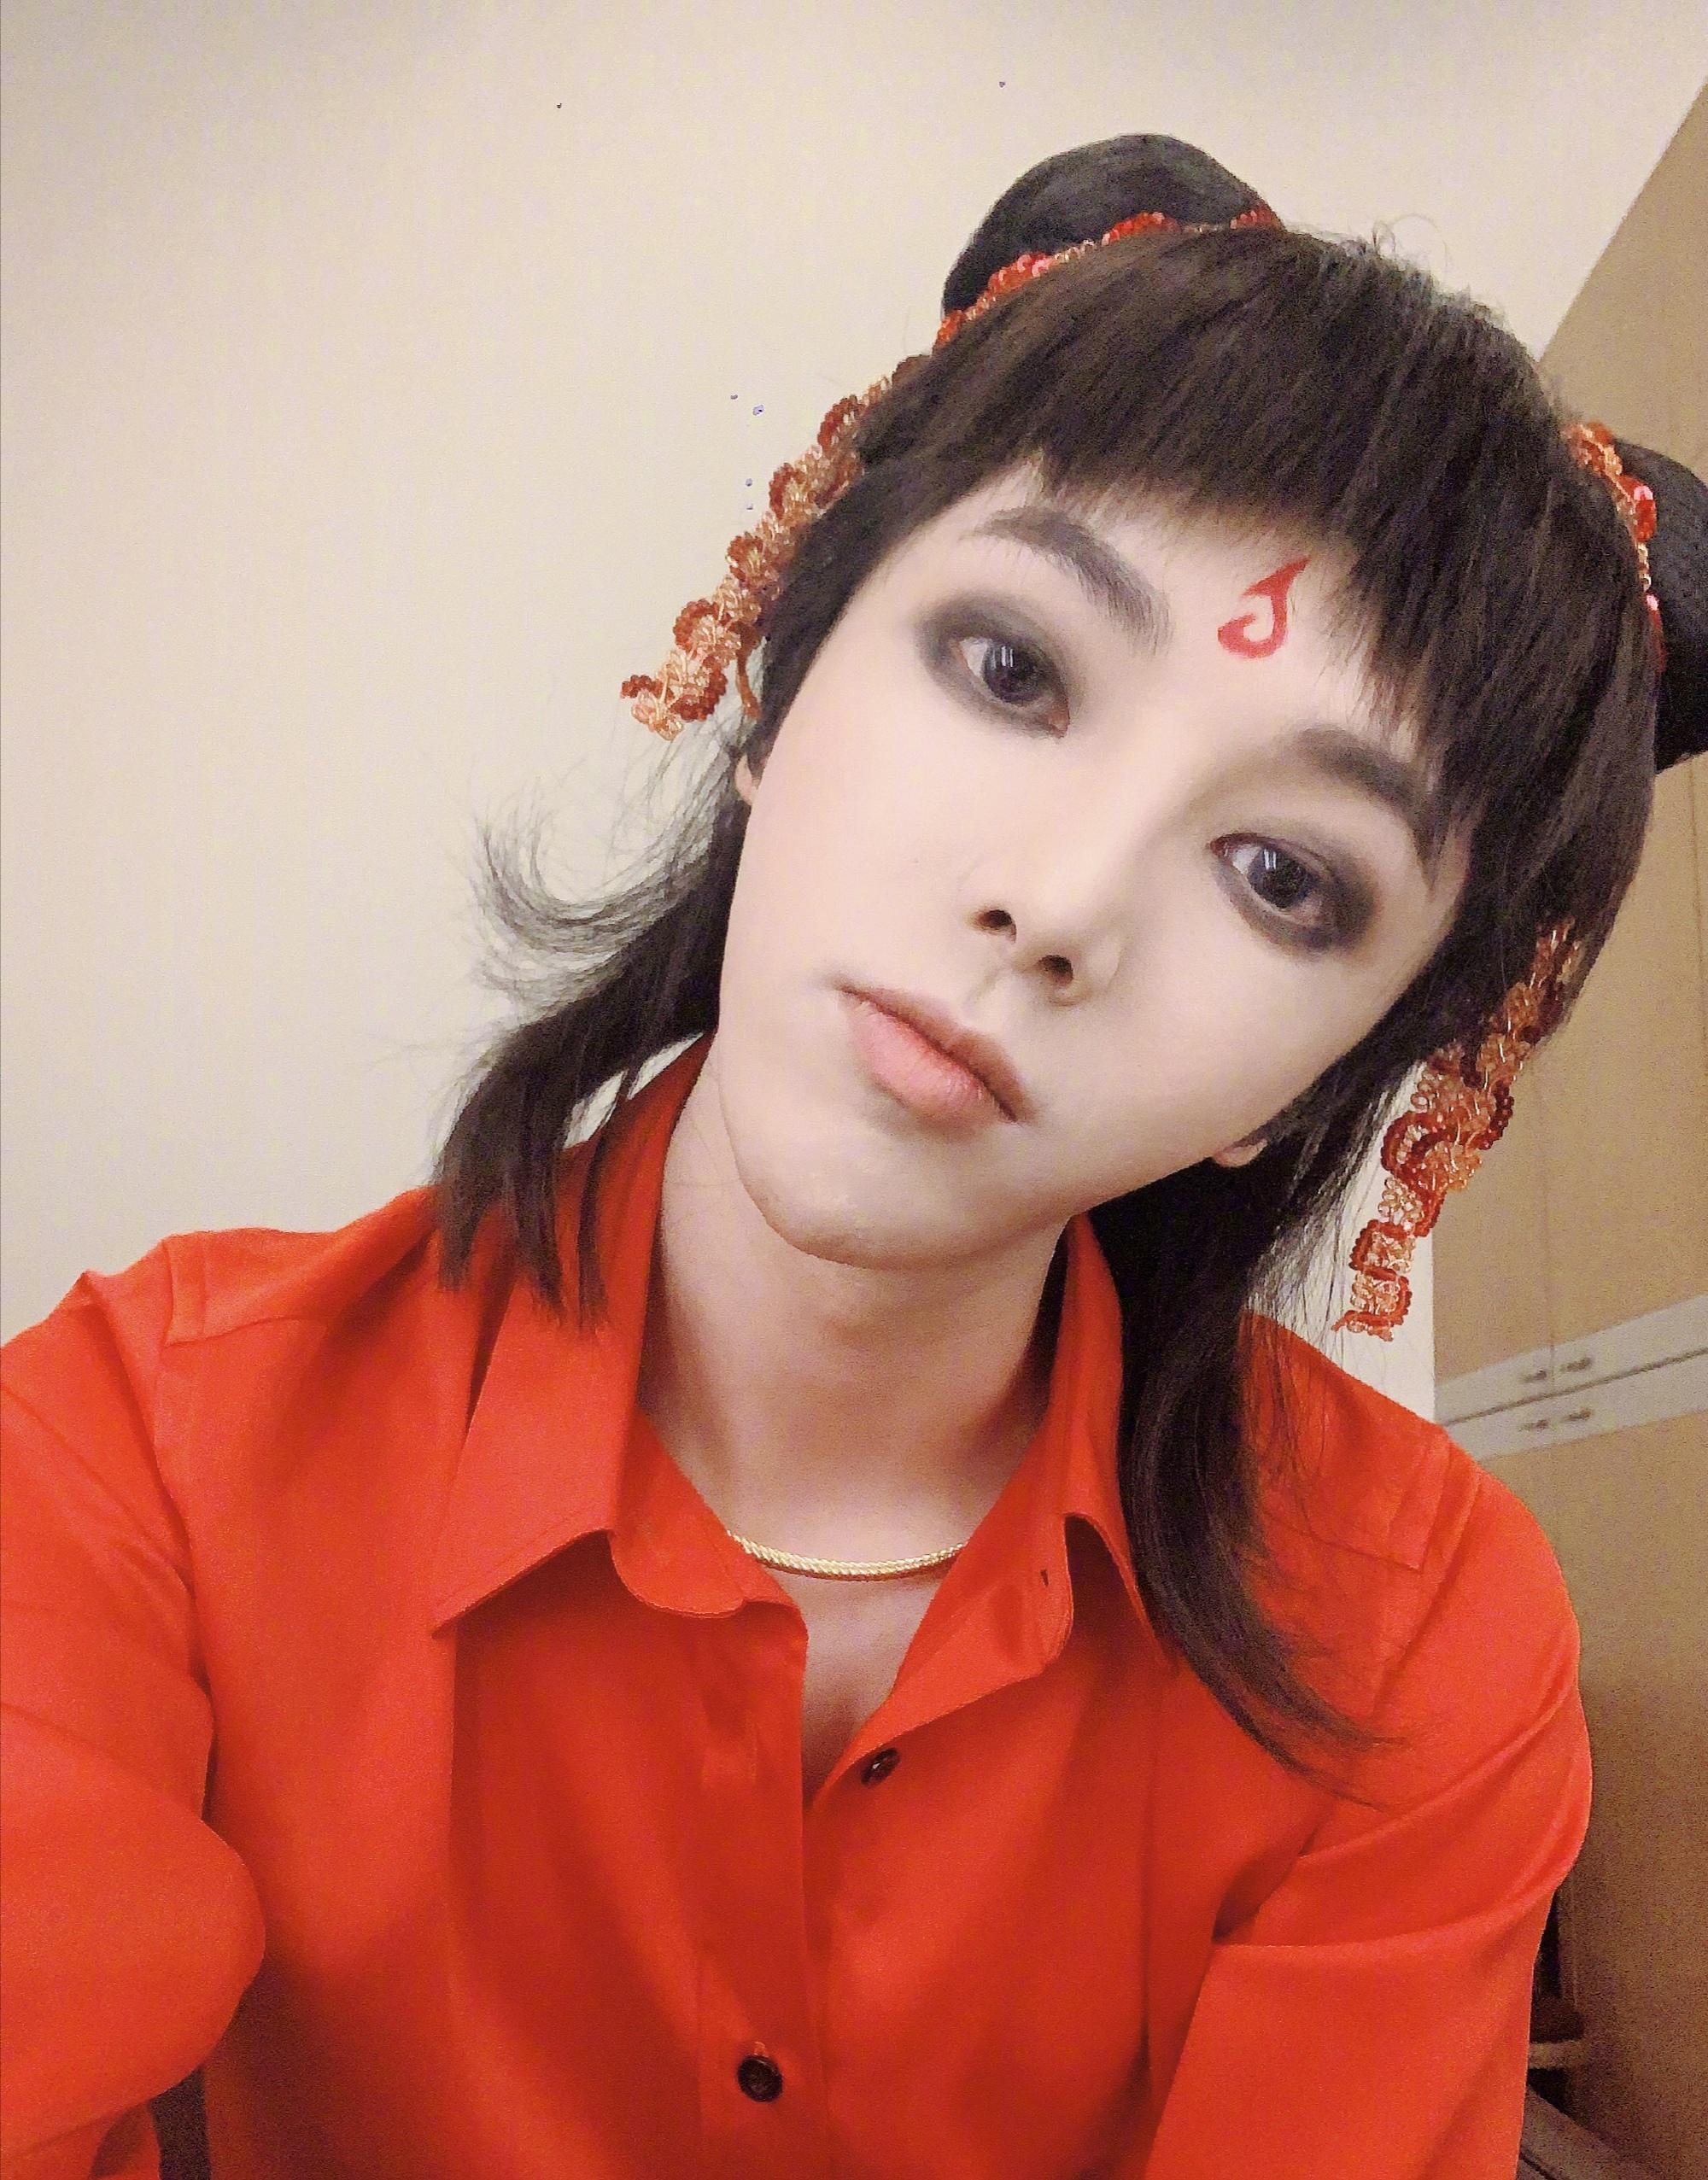 华晨宇@华晨宇yu 发布了自己在 cos哪吒造型的九宫格自拍